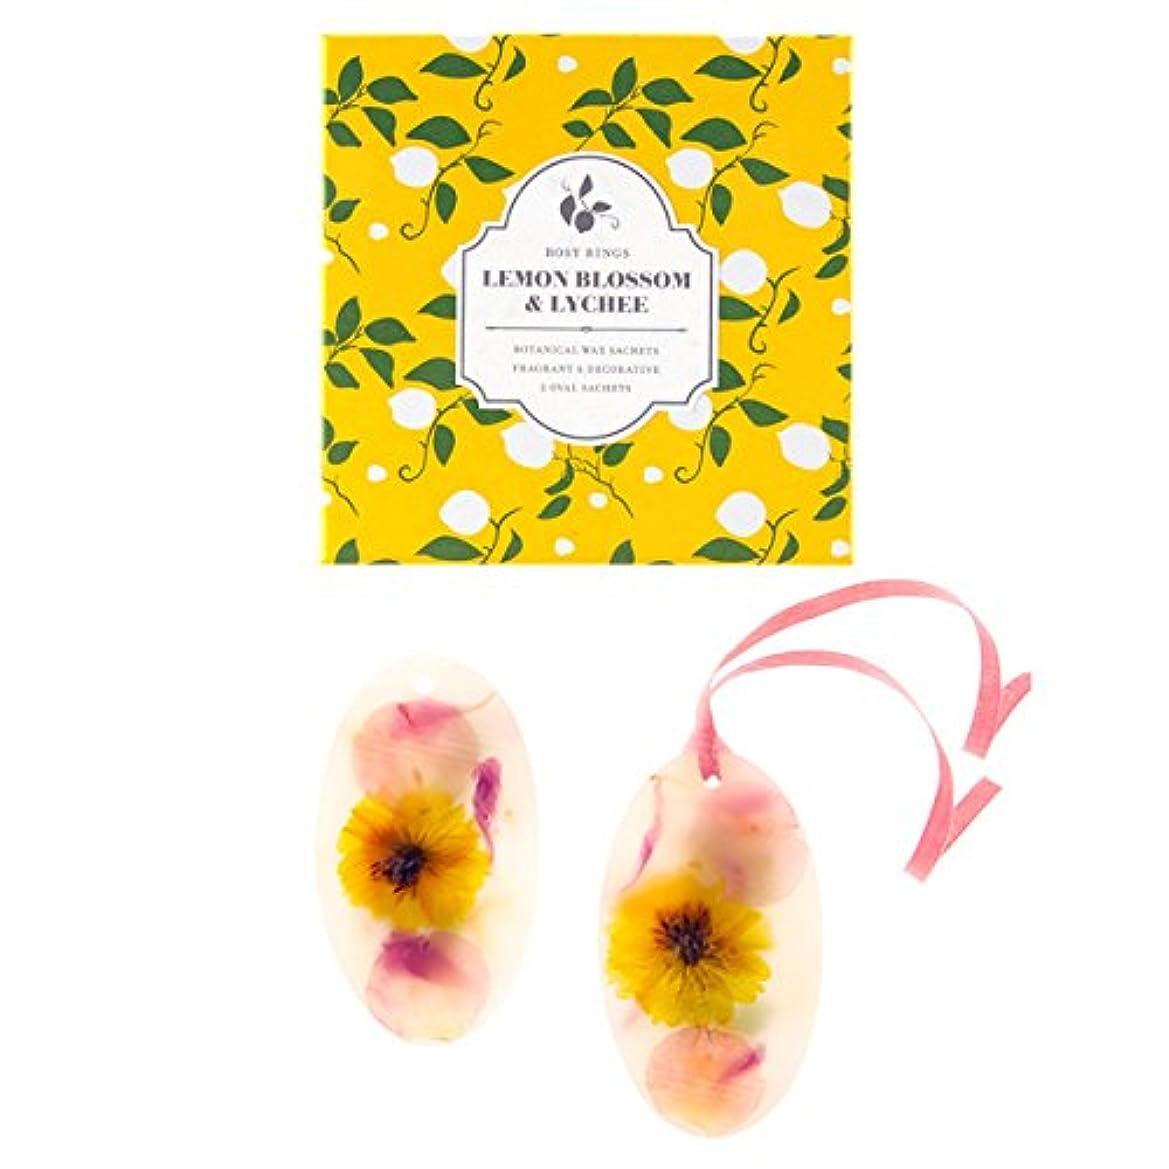 レスリング書くうなるロージーリングス ボタニカルワックスサシェ オーバル レモンブロッサム&ライチ ROSY RINGS Signature Collection Botanical Wax Sachets – Lemon Blossom...